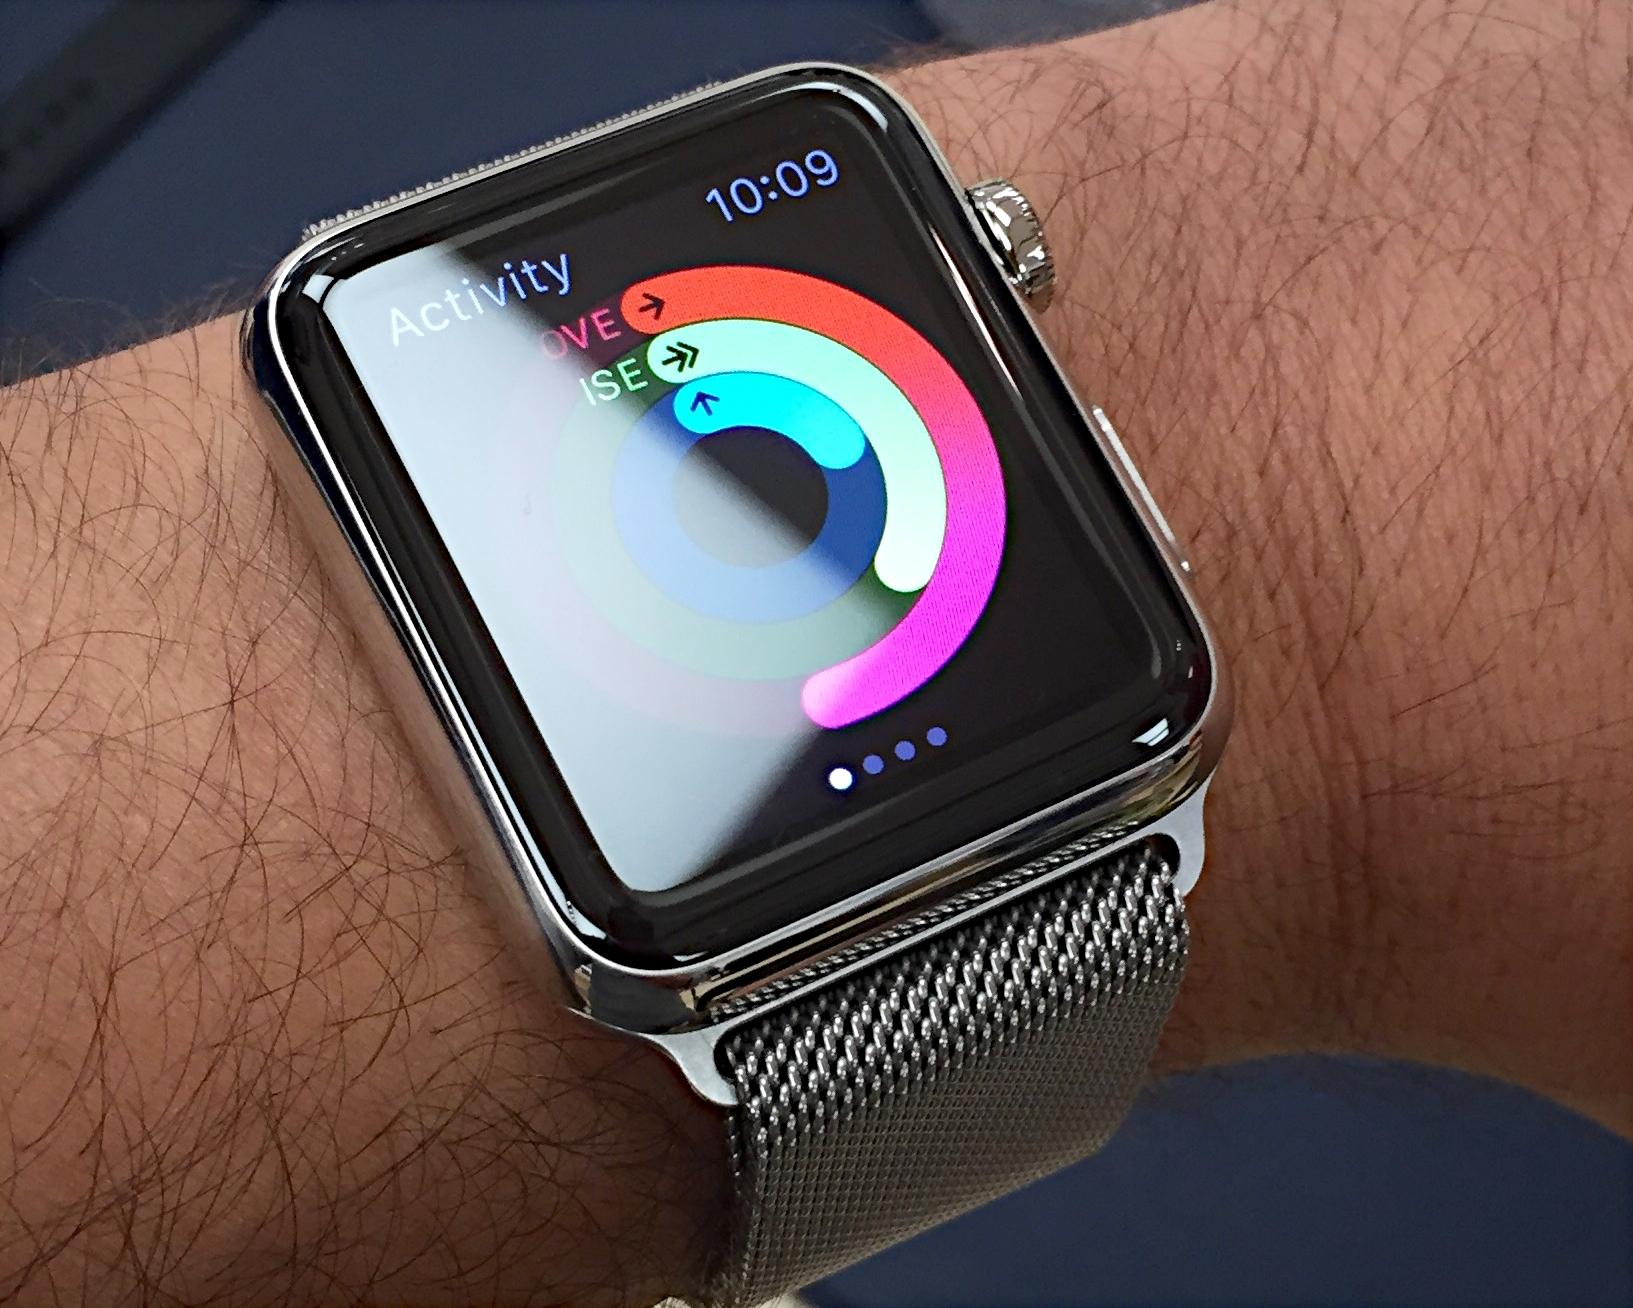 Apple Watch with Milanese loop bracelet (2015)